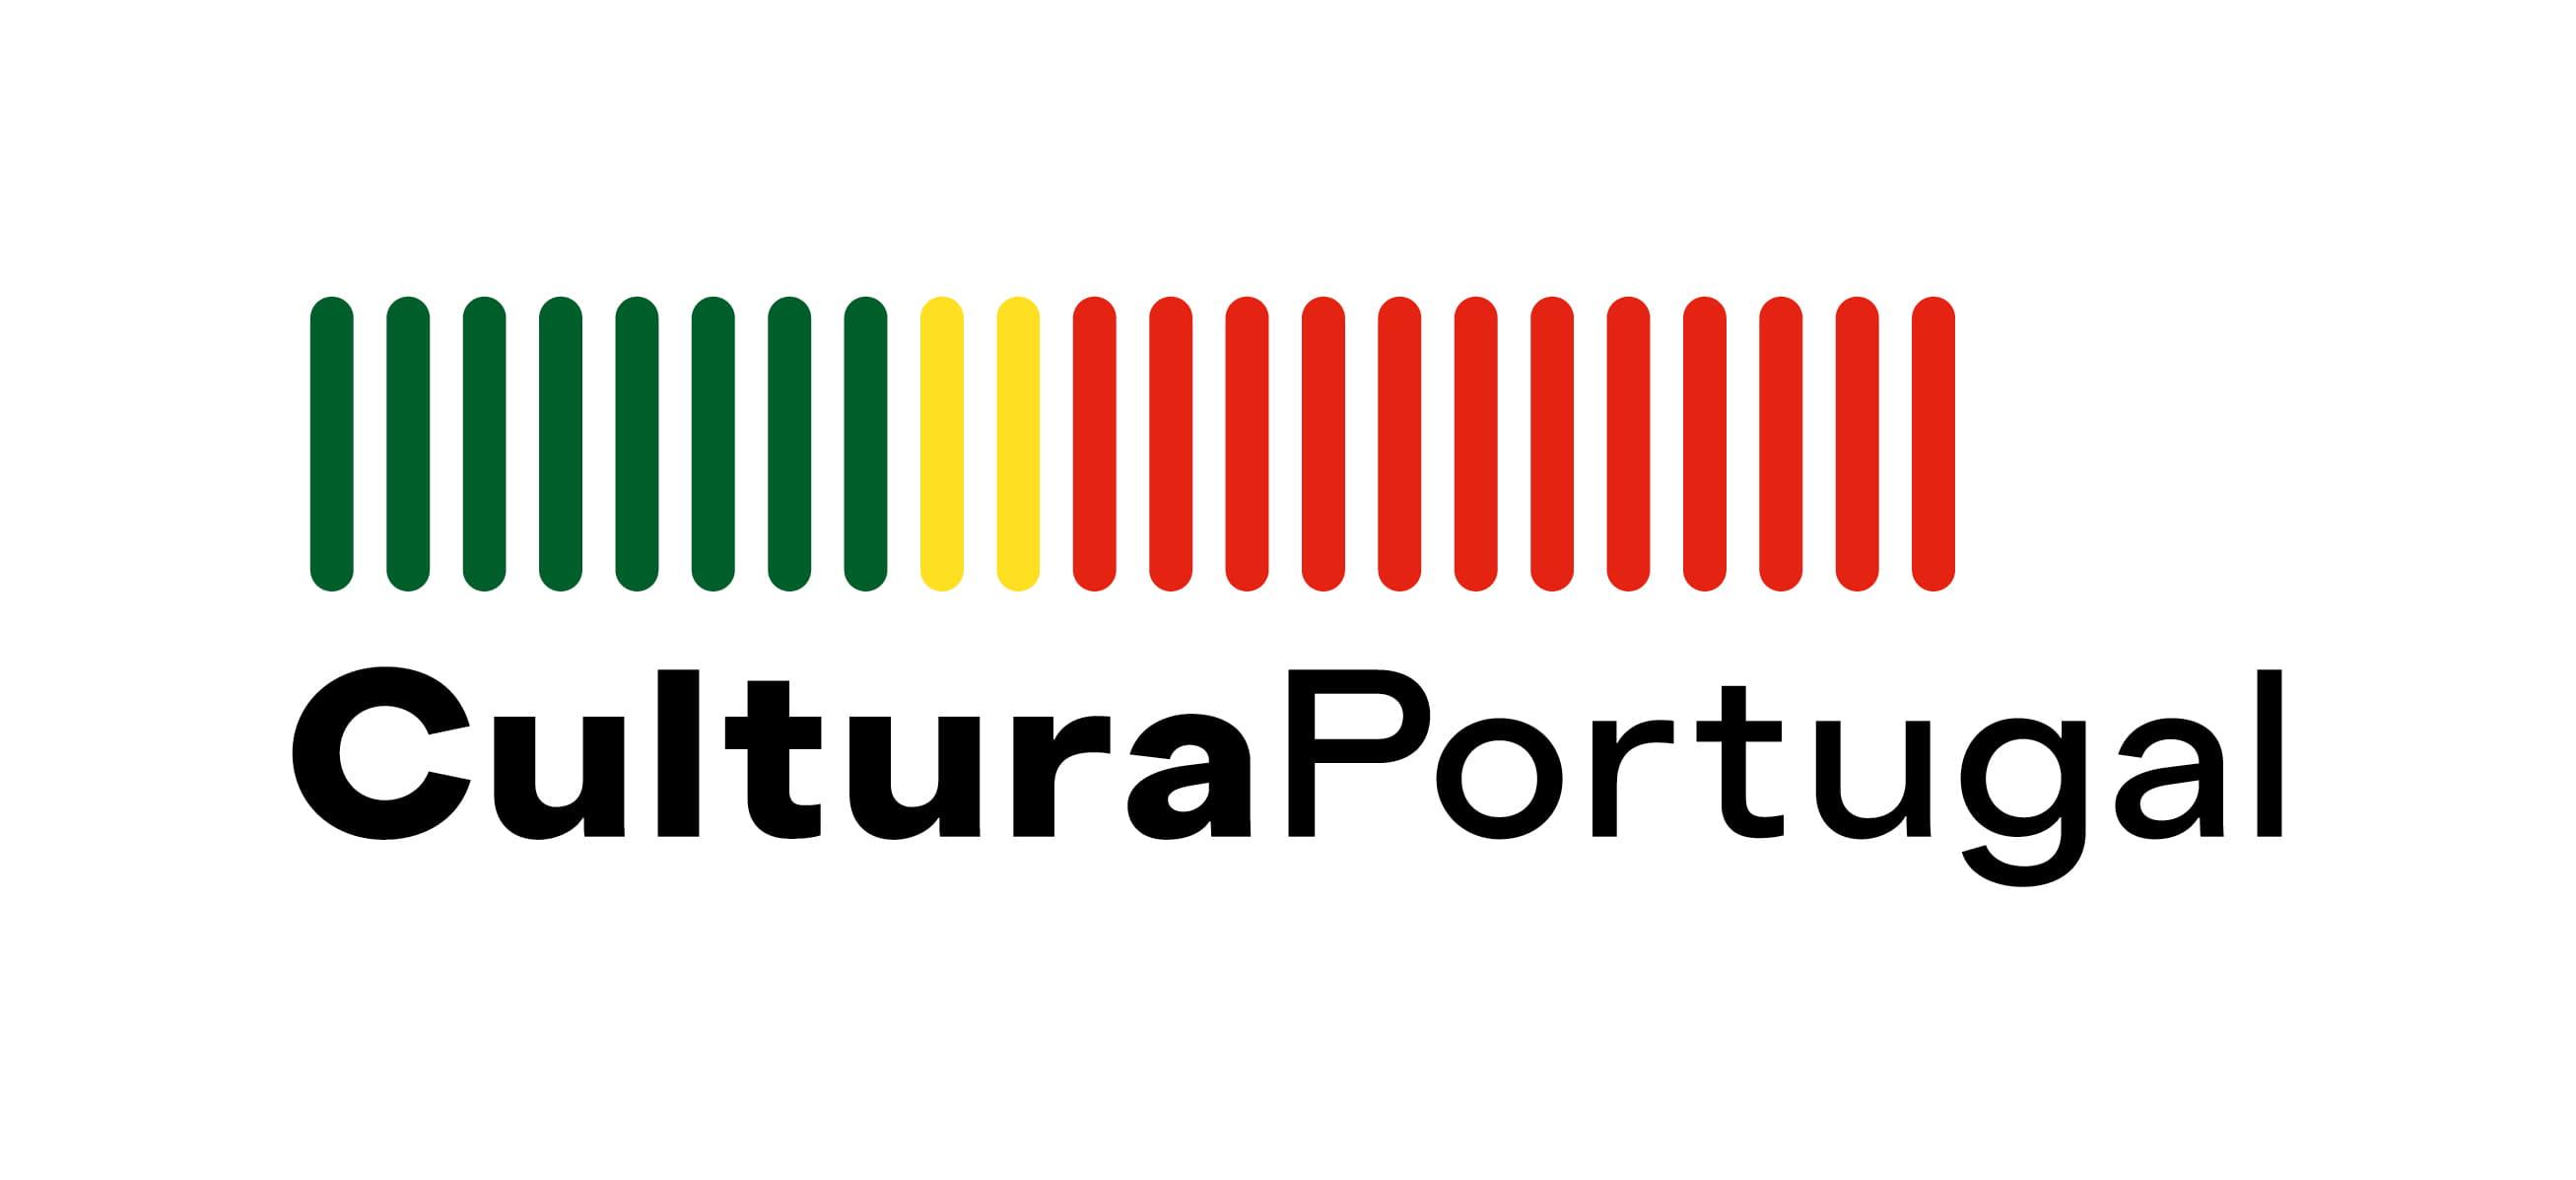 CulturaPortugal2020_cor